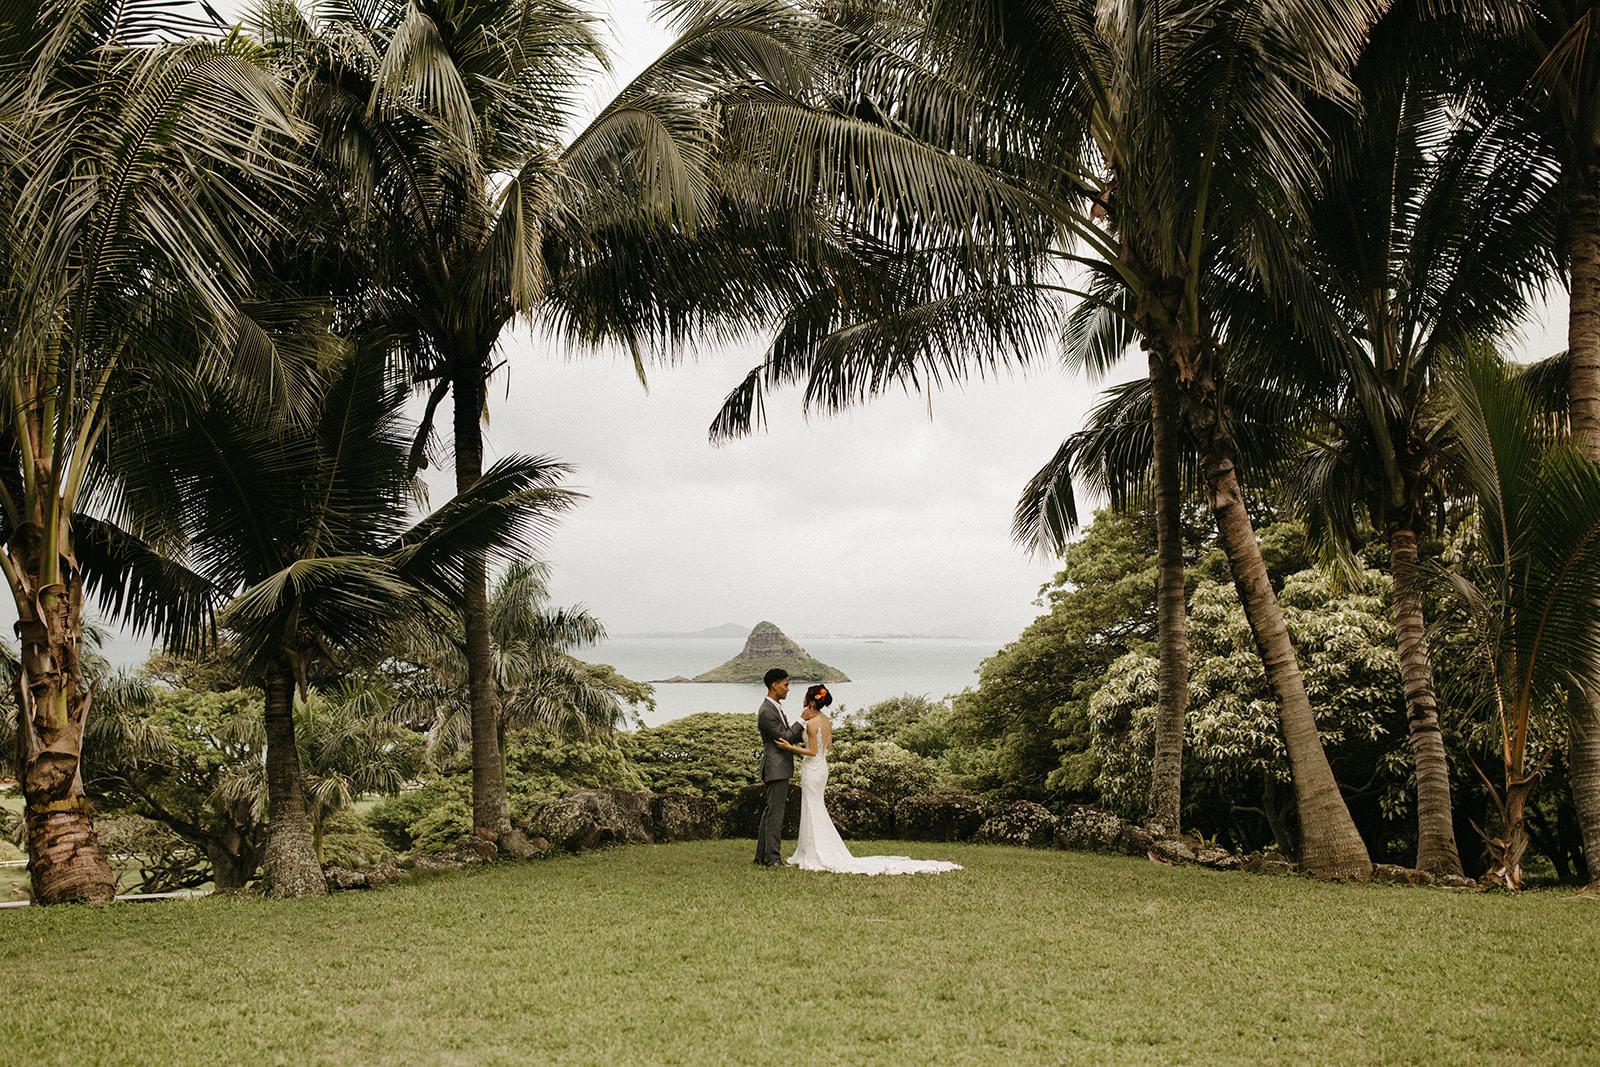 Kualoa_Hawaii_wedding_paliku_3.jpg